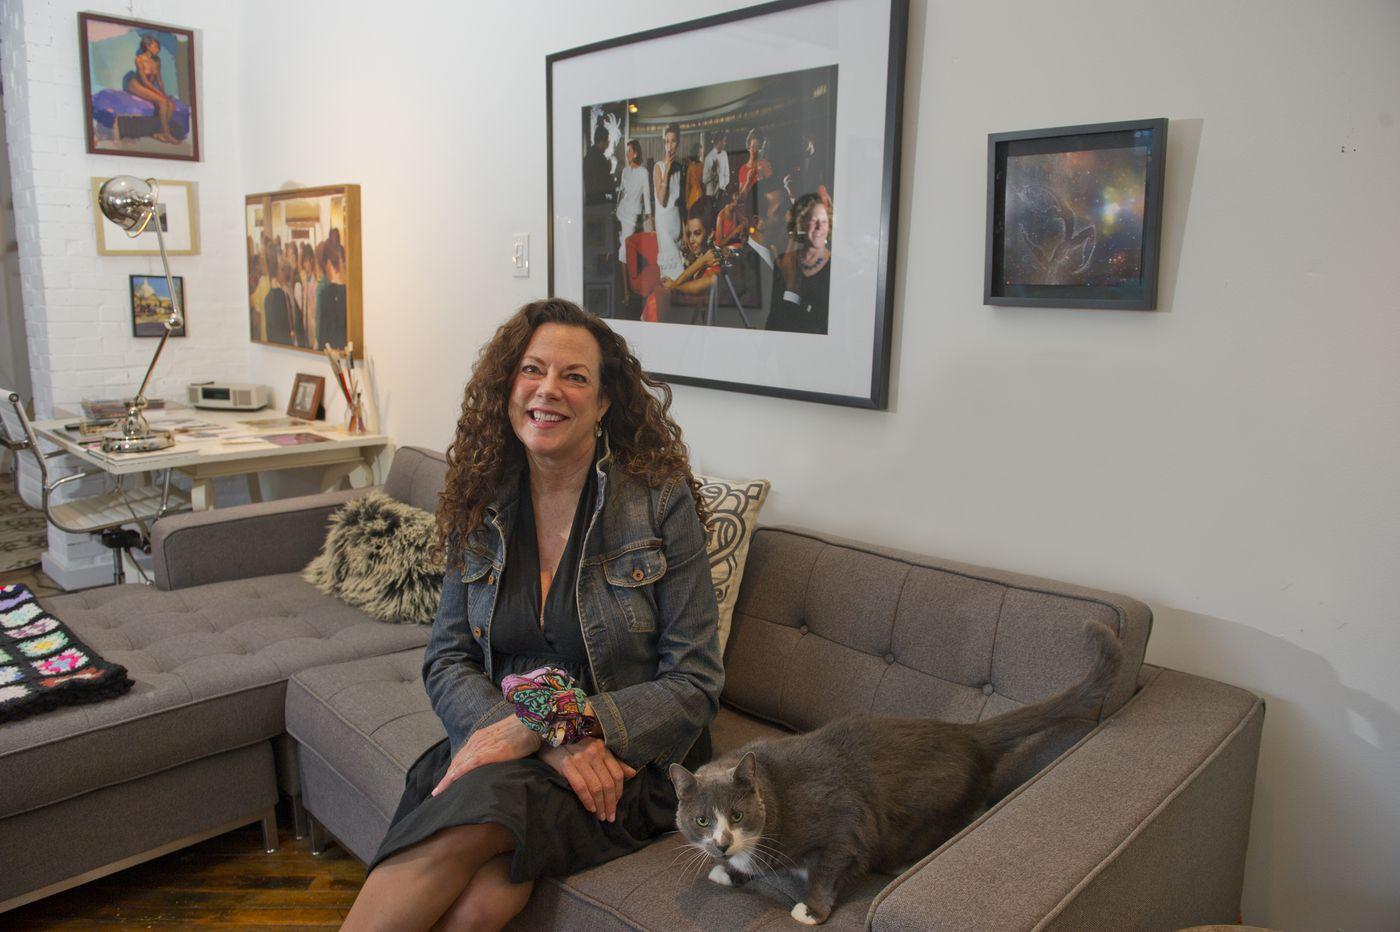 A Kensington loft transformed into a 'comfy art gallery'